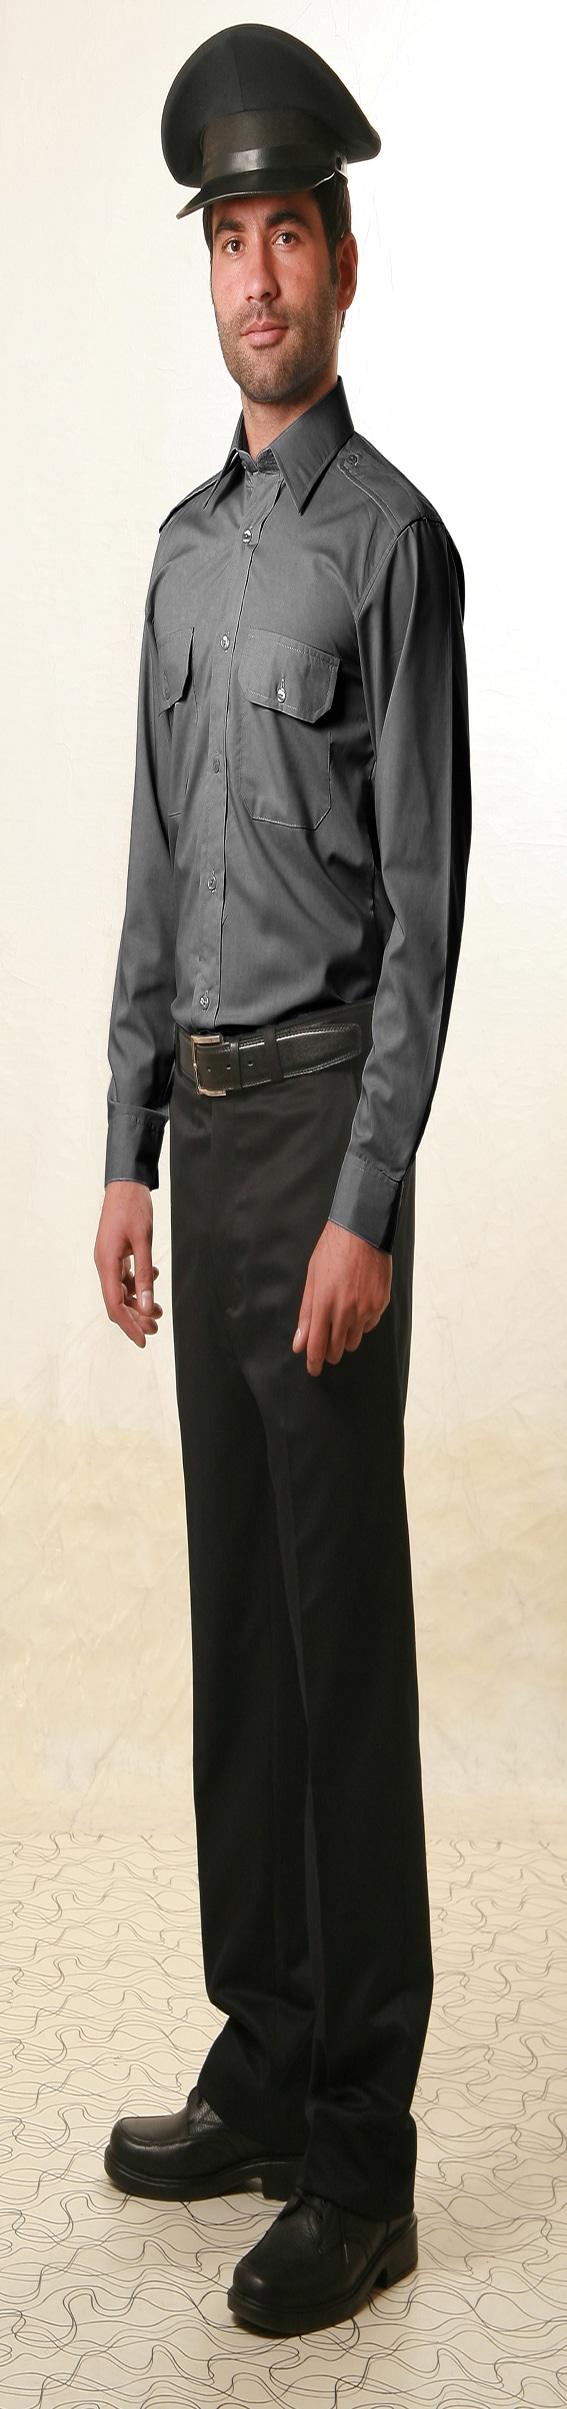 پیراهن شلوار فرم نگهبانی